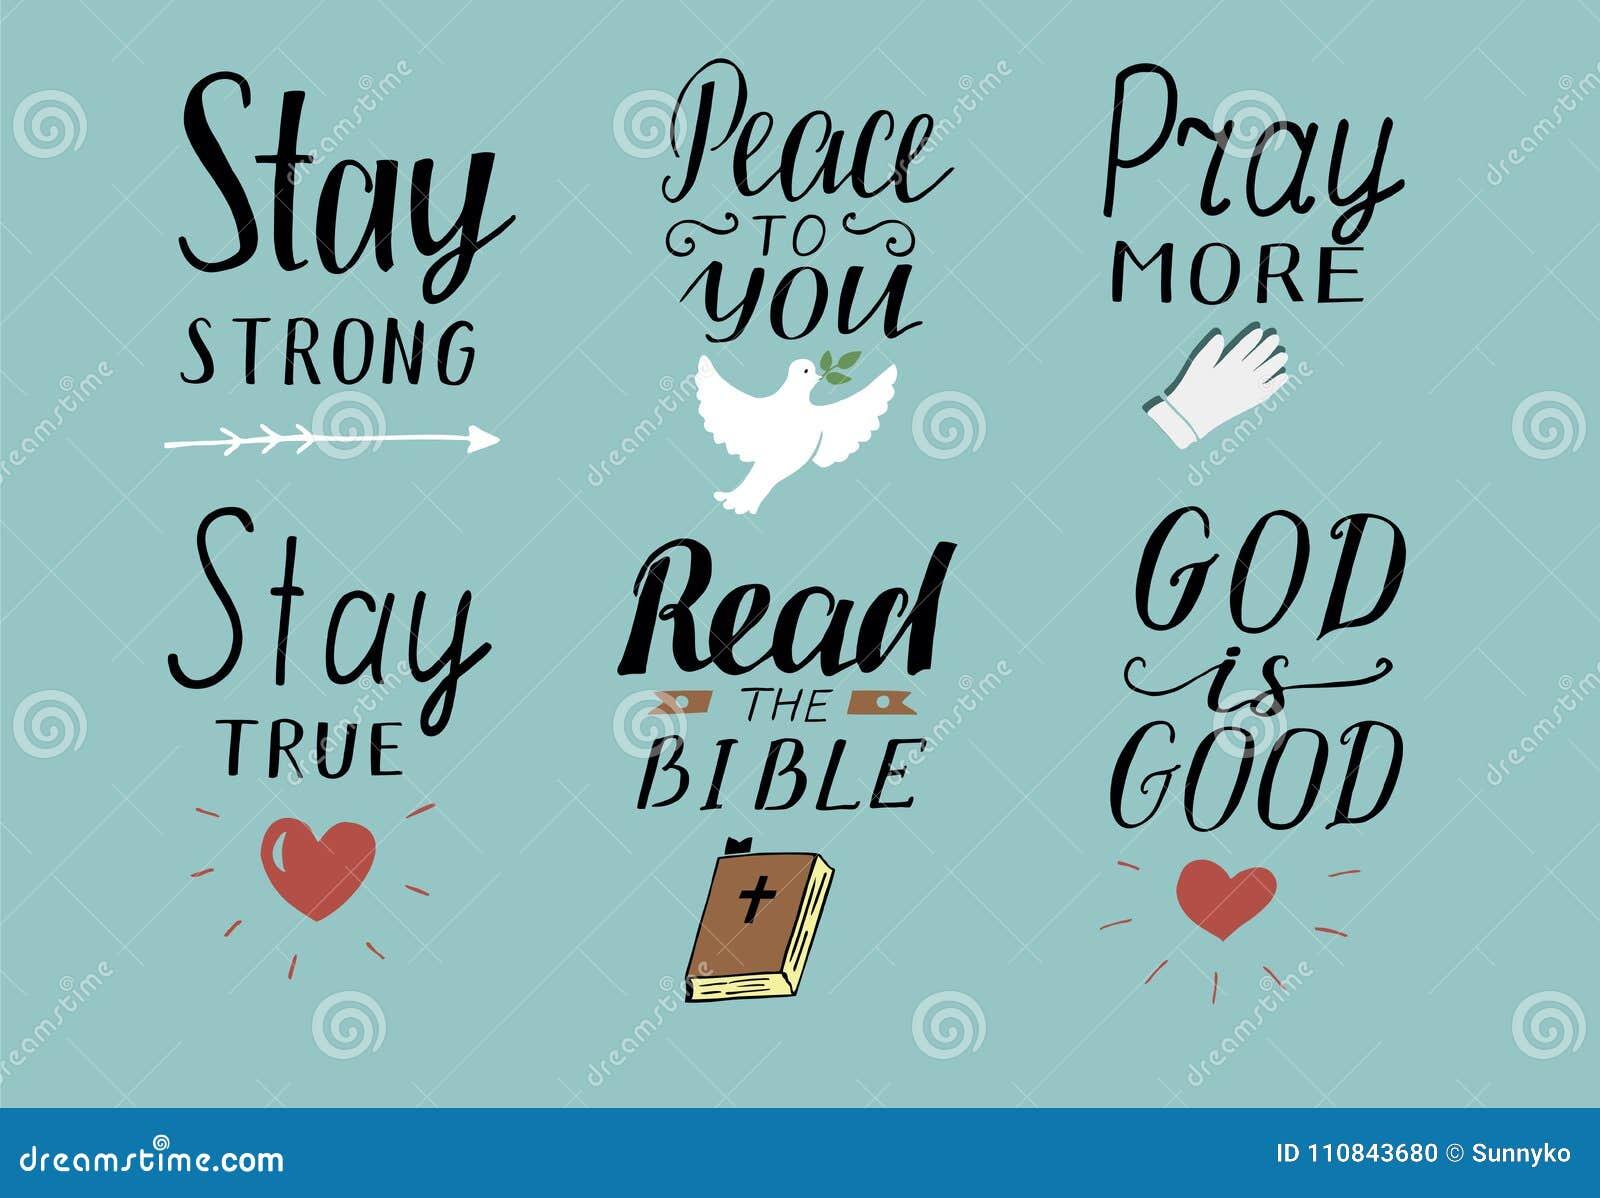 Uppsättningen av 6 kristna citationstecken för handbokstäver med symboler blir stark Fred till dig Be mer Läs bibeln Guden är bra